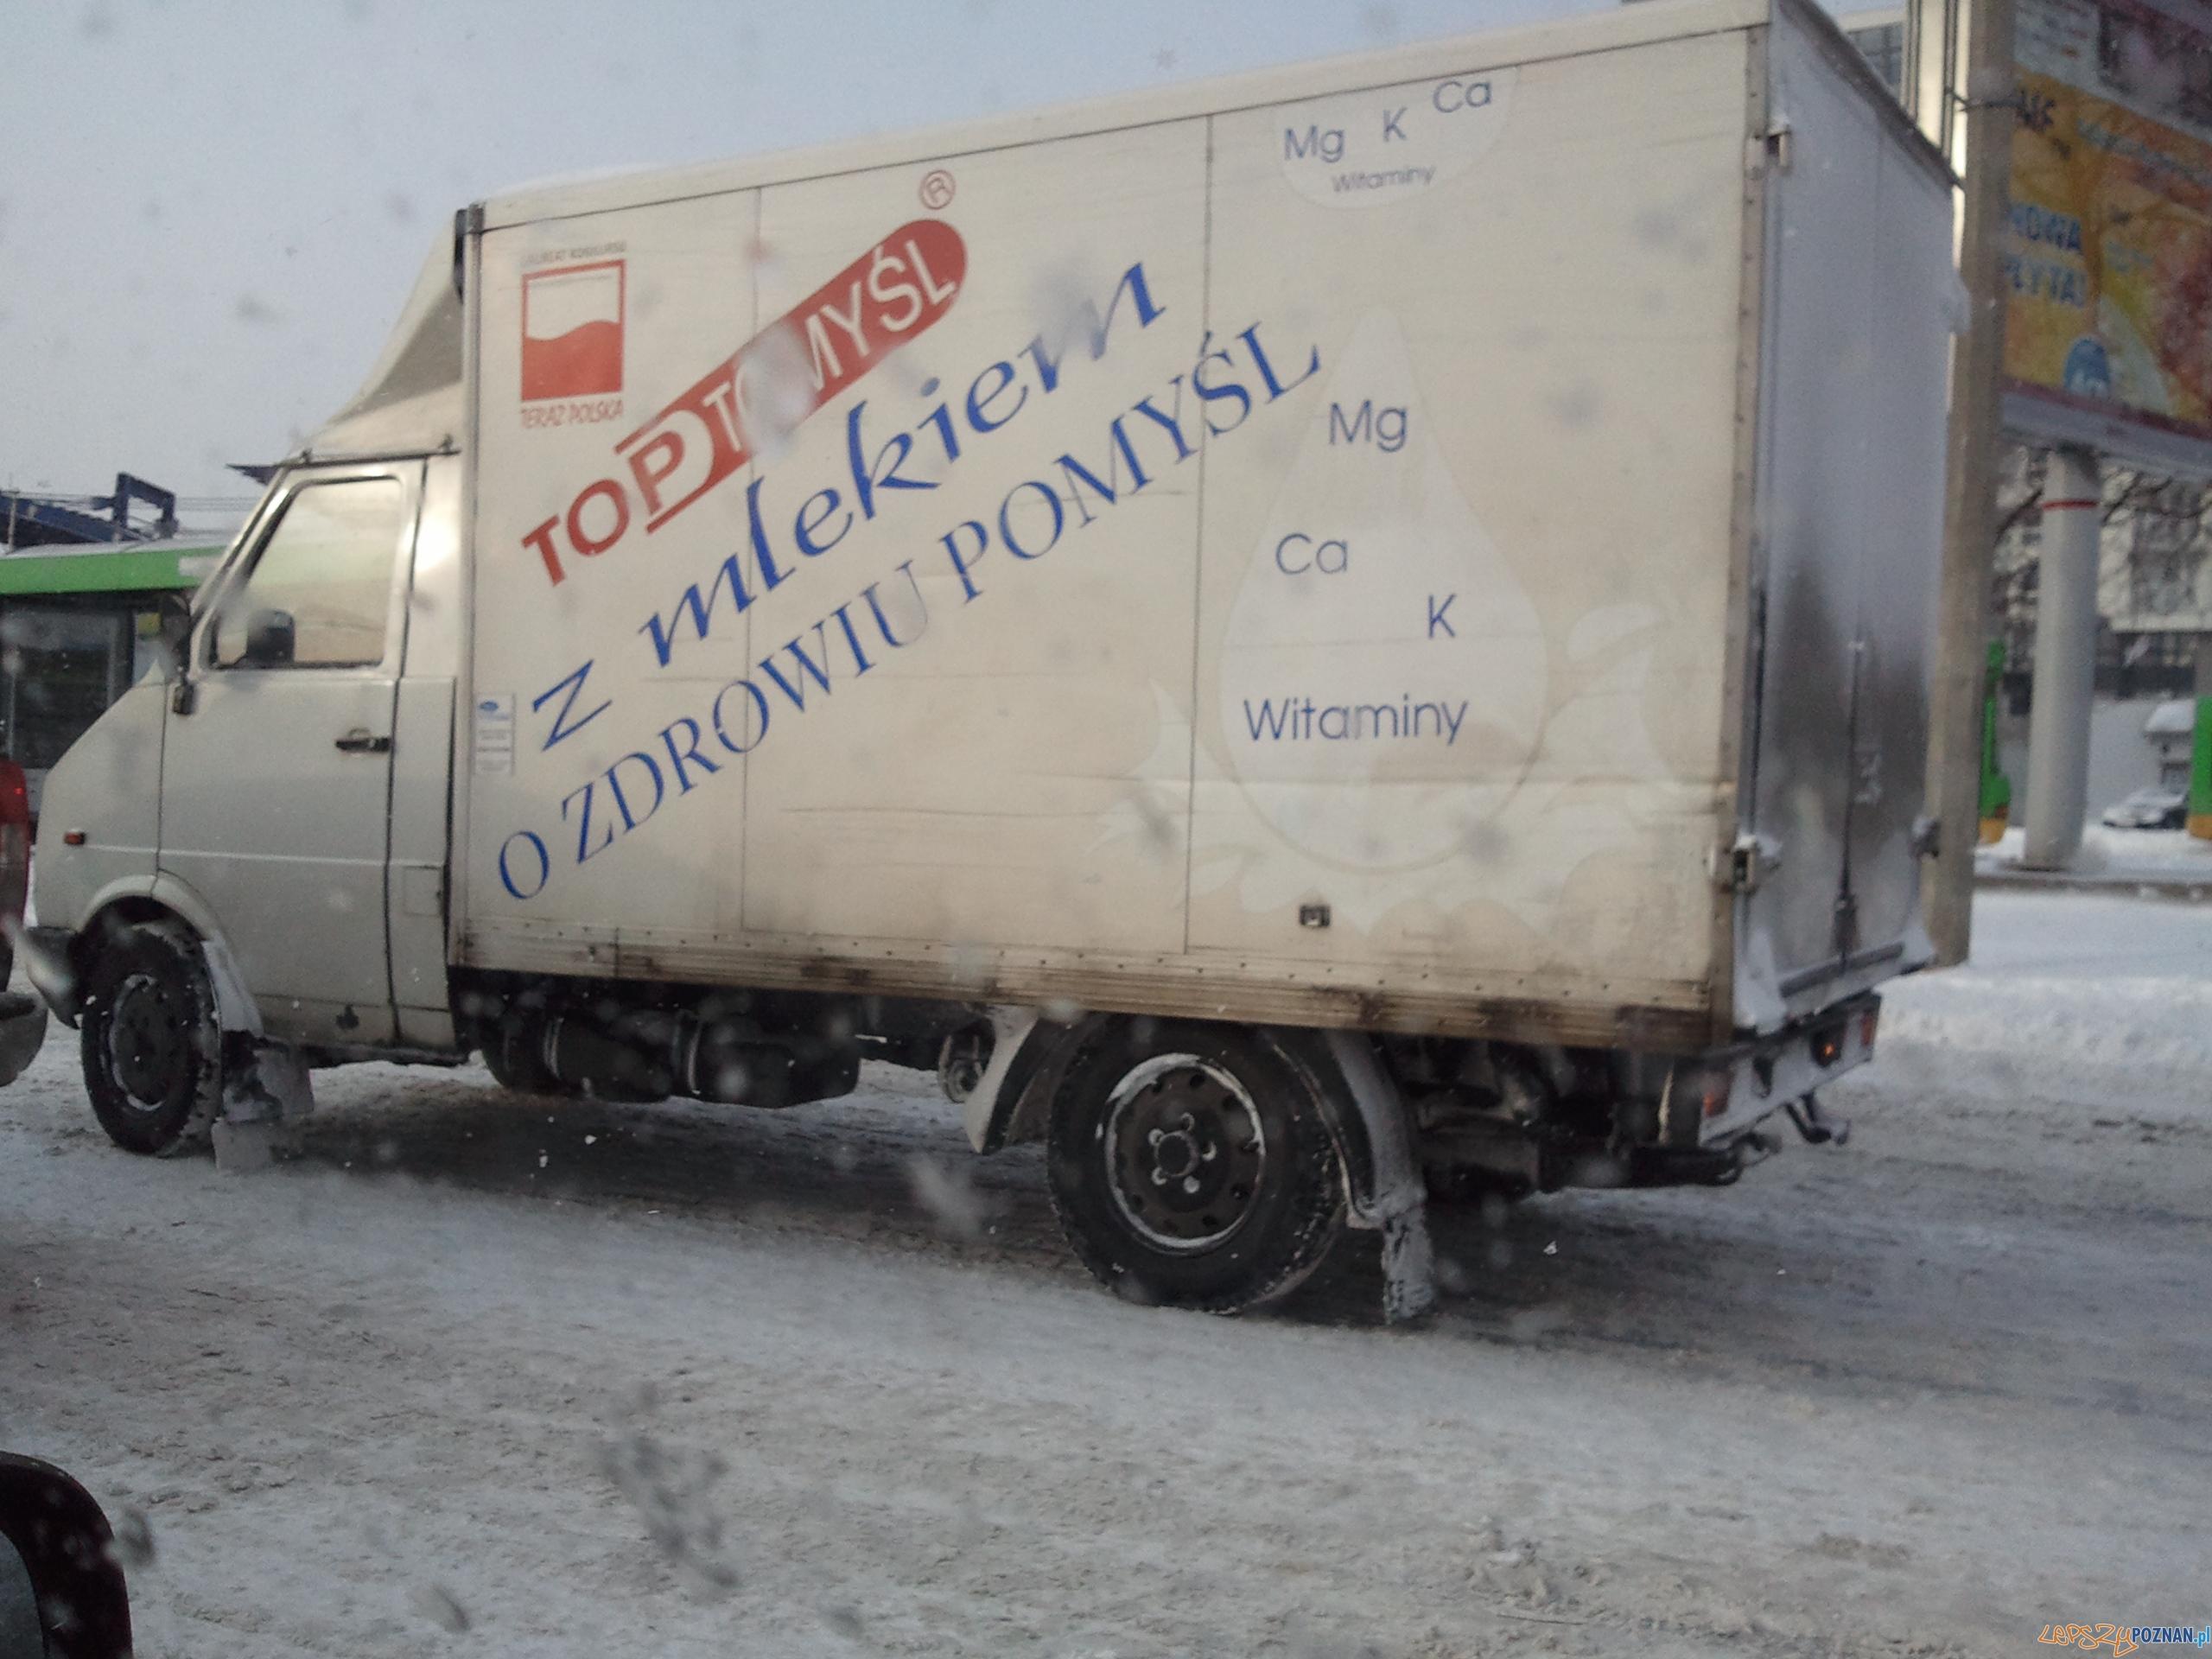 Ten samochód odmówił współpracy i blokował około 10:00 jeden z pasów ul Jana Pawła II  Foto: przemo